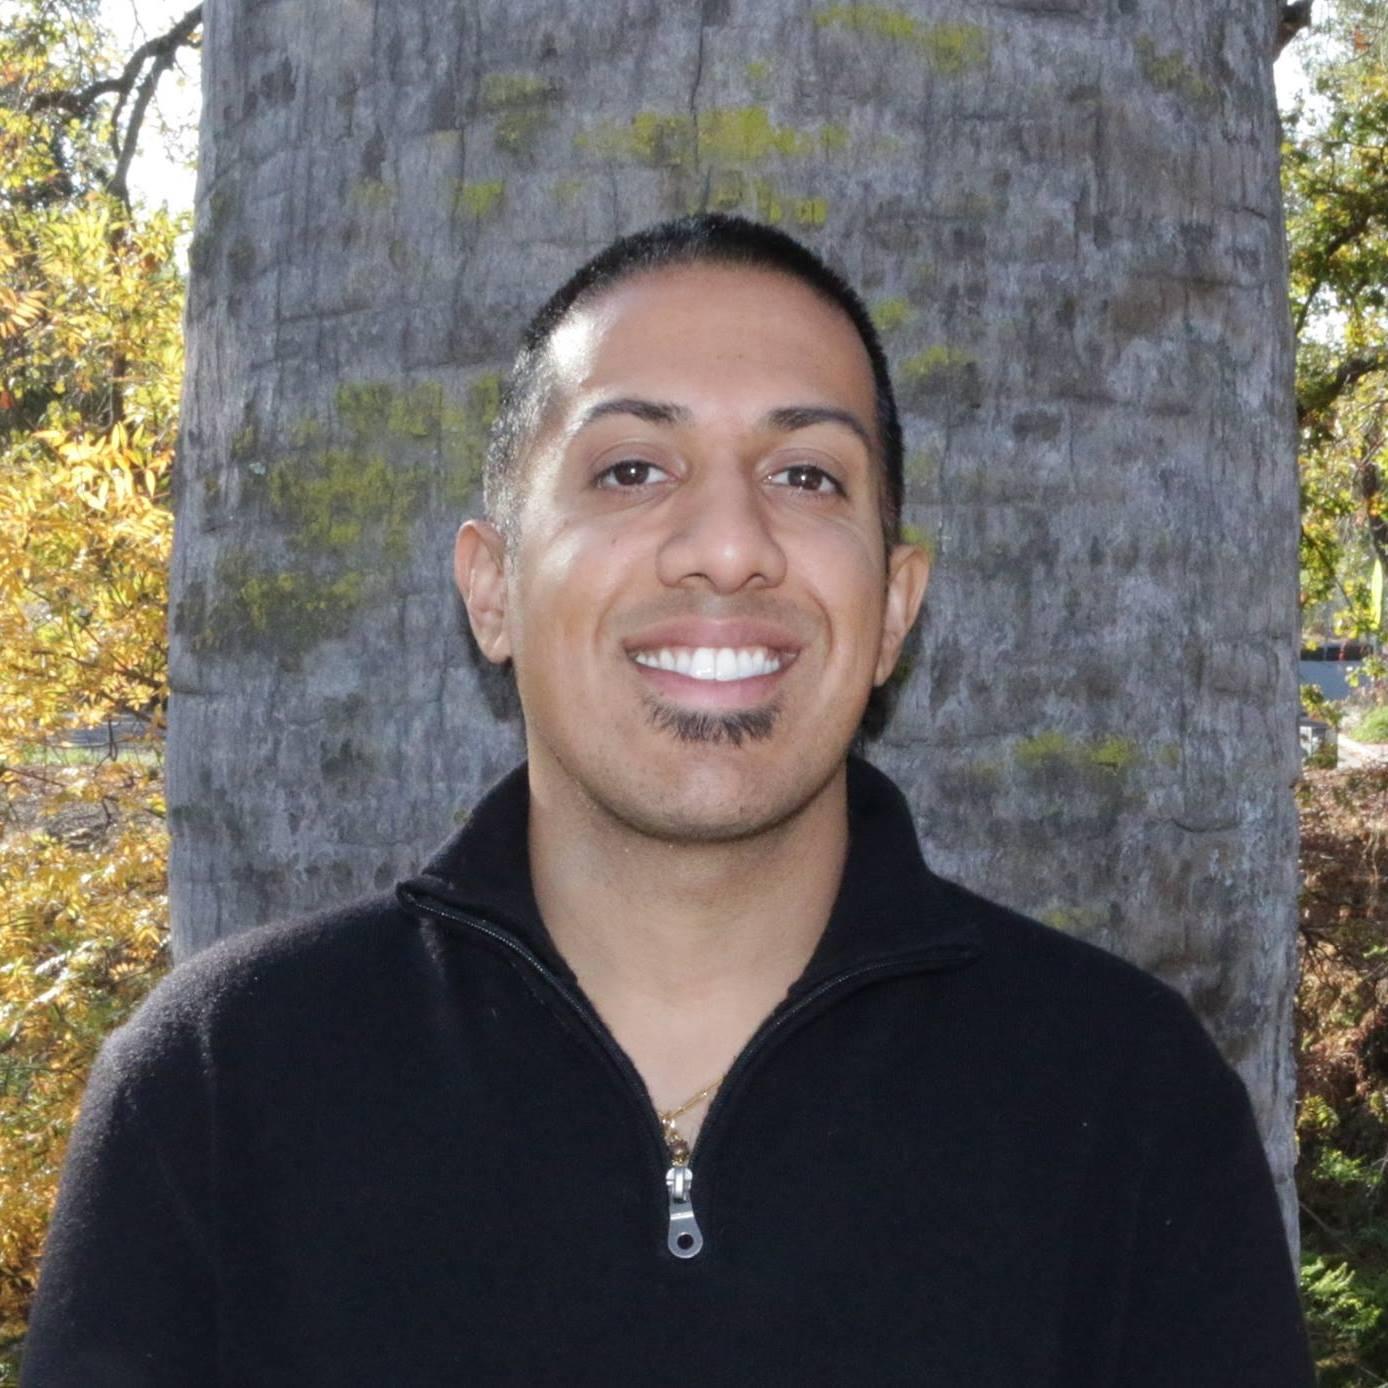 Phil Patel